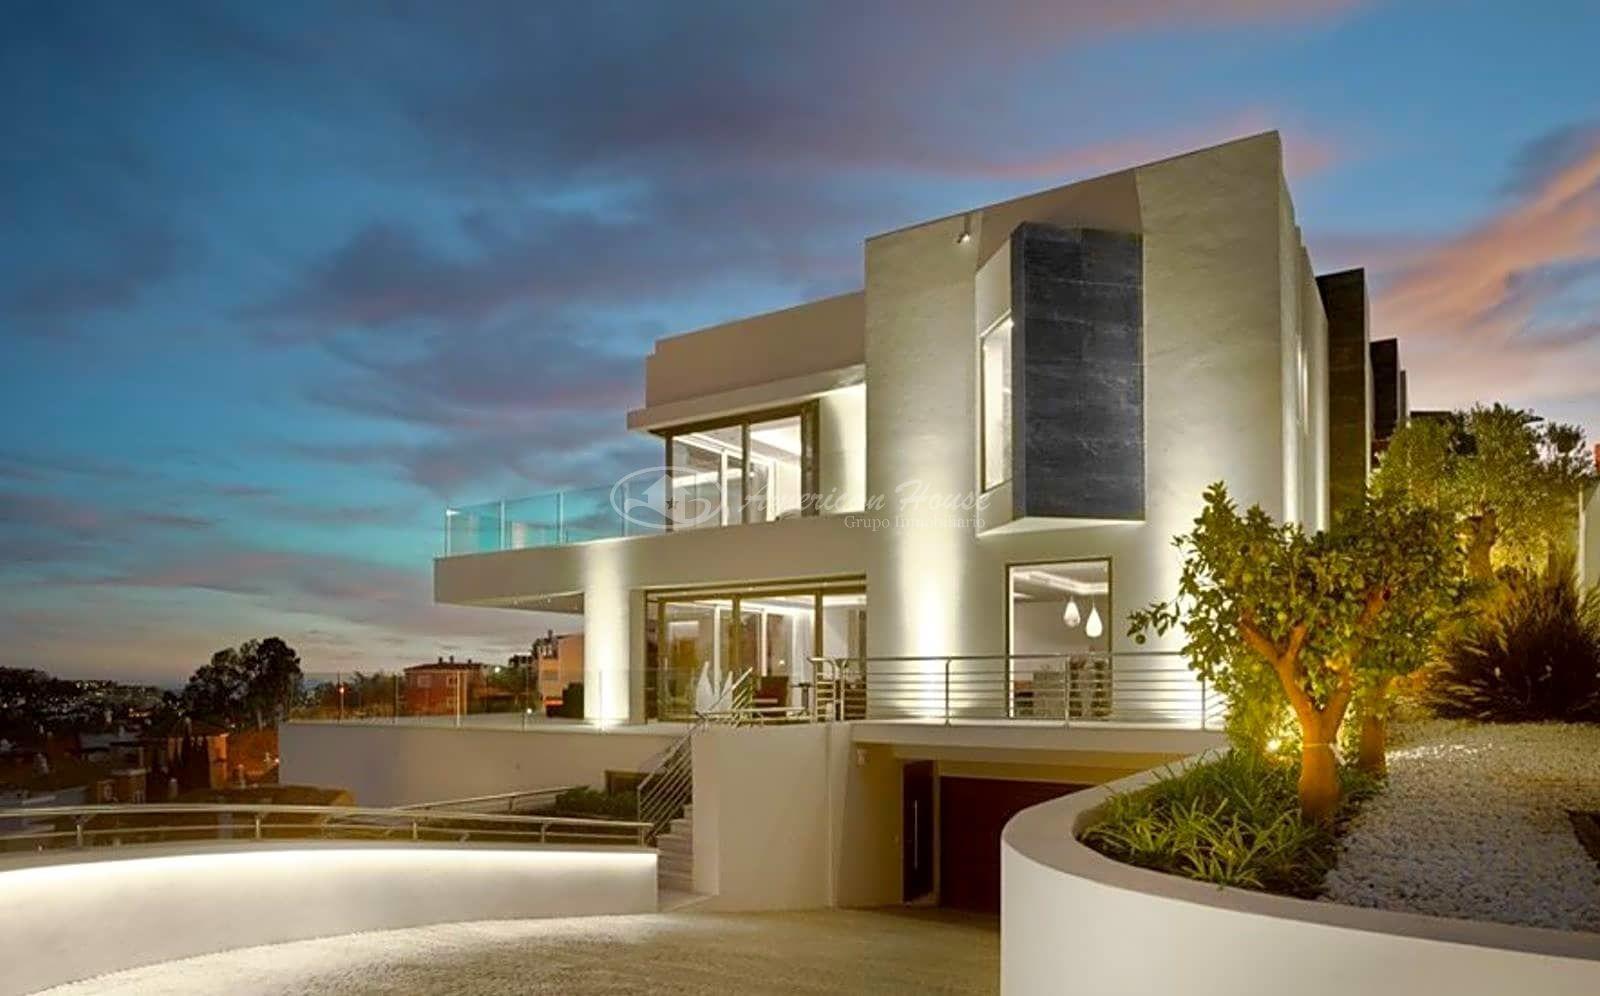 Elegante y Vanguardista Villa de Lujo en Venta en Nueva Andalucía, Marbella, Málaga